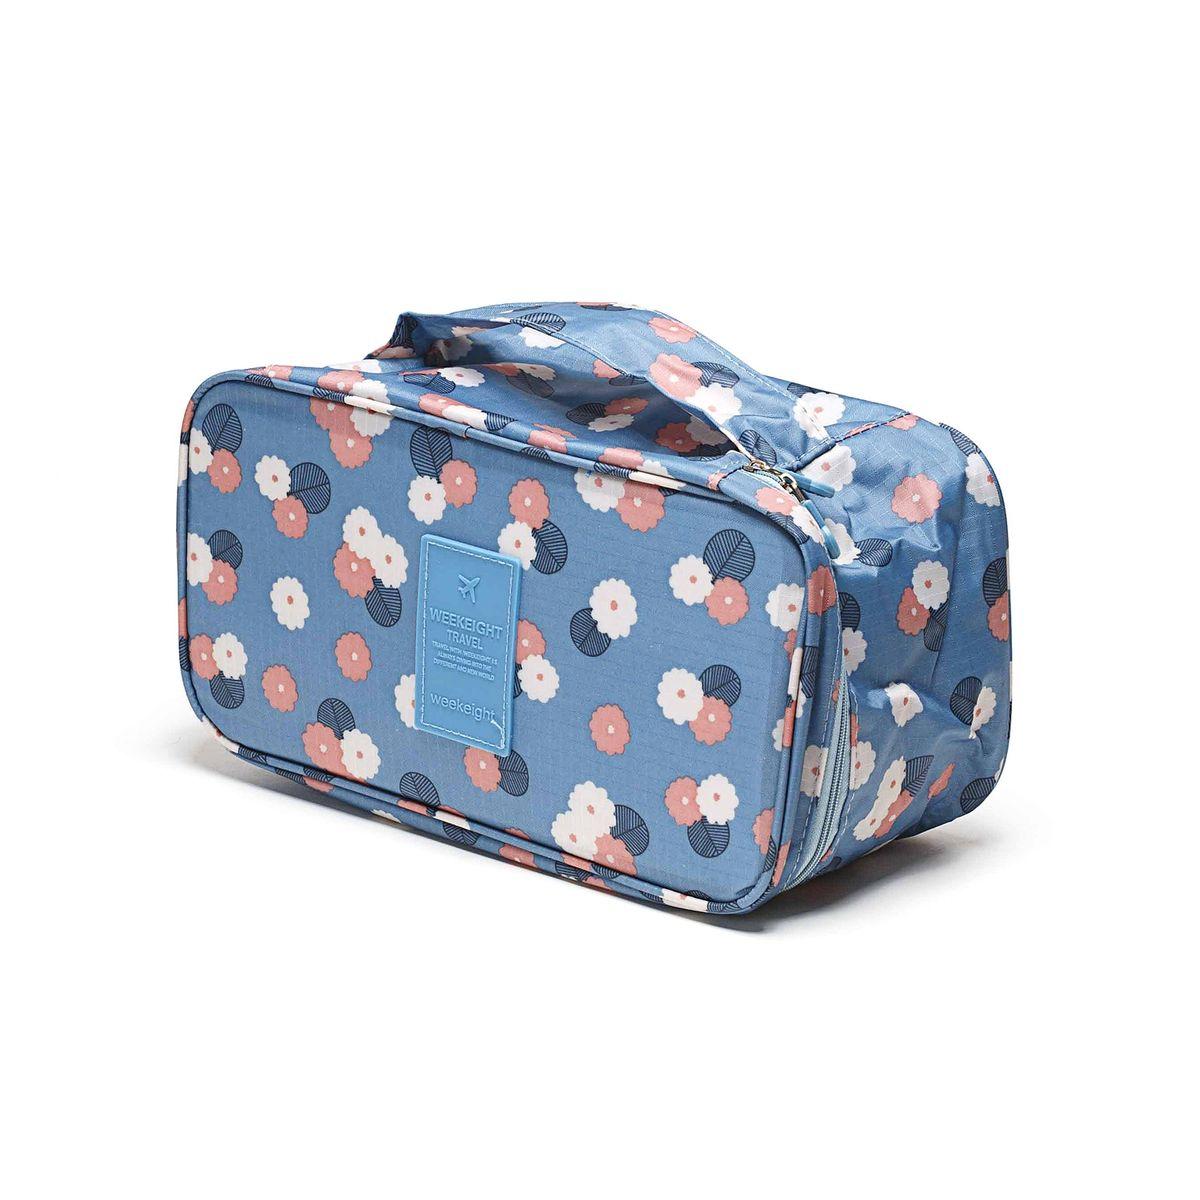 Косметичка-органайзер Homsu Цветок, цвет: синий, белый, розовый, 28 x 13 x 15 смCLP446Косметичка-органайзер Homsu Цветок выполнена из высококачественного полиэстера. Закрывается изделие на застежку-молнию. Внутри имеется 4 отделения для мелочей, а также дополнительная сумочка размером 22 х 14 см, которая крепится к косметичке посредством липучки и надежно защищает ваши вещи за счет удобной молнии. Теперь вы сможете всегда брать с собой все, что вам может понадобиться. Сверху органайзера имеется ручка для удобной переноски. Косметичка-органайзер Homsu Цветок станет незаменимым аксессуаром для любой девушки.Размер косметички: 28 х 13 х 15 см. Размер сумочки: 22 х 14 см.